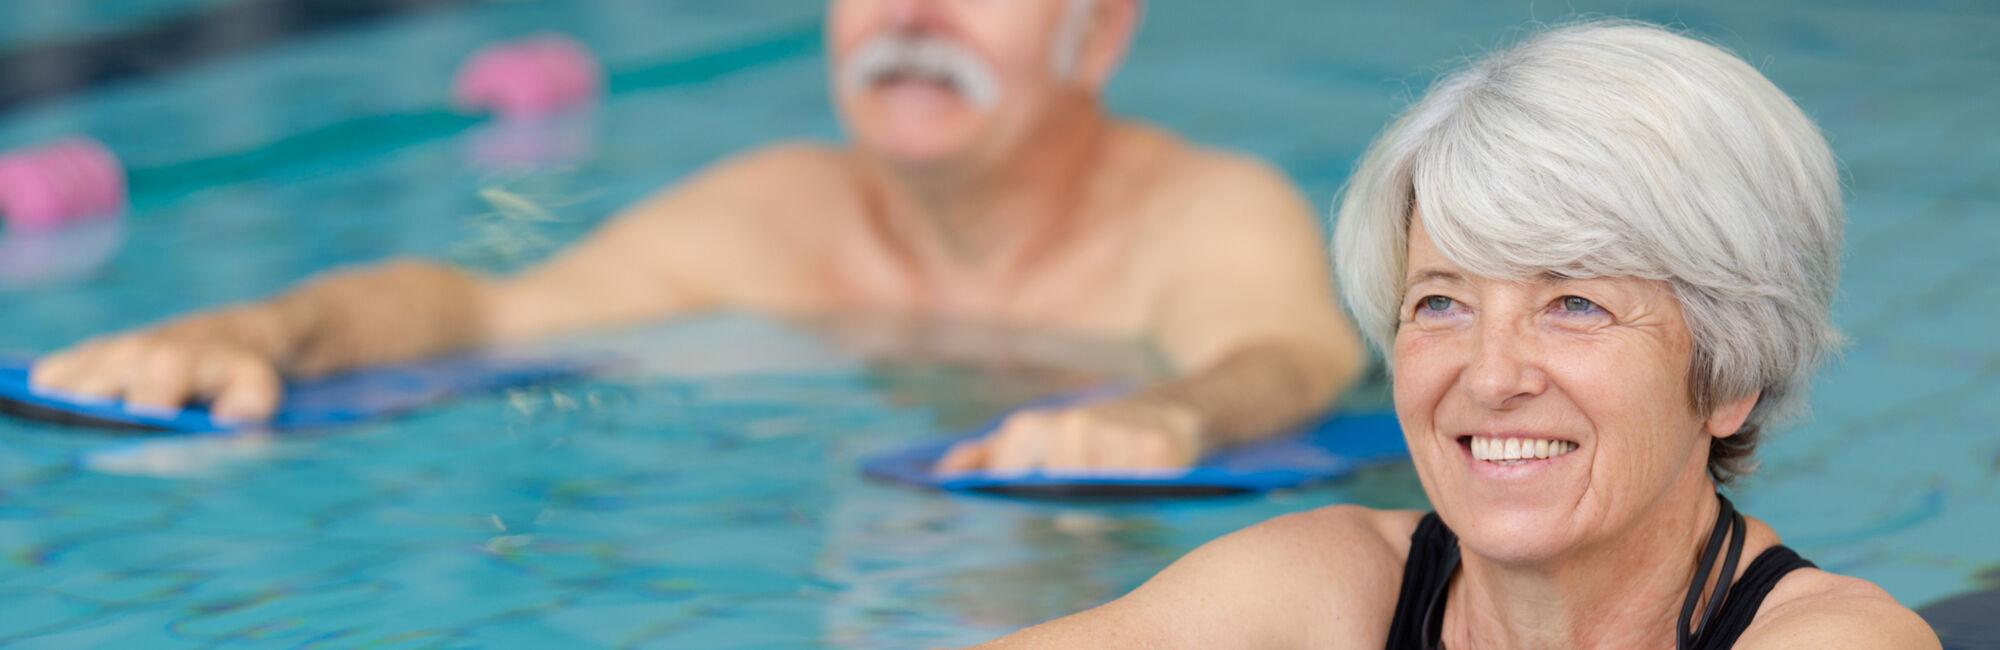 Headerbeeld meer bewegen voor ouderen - Twee ouderen met floaties in het zwembad